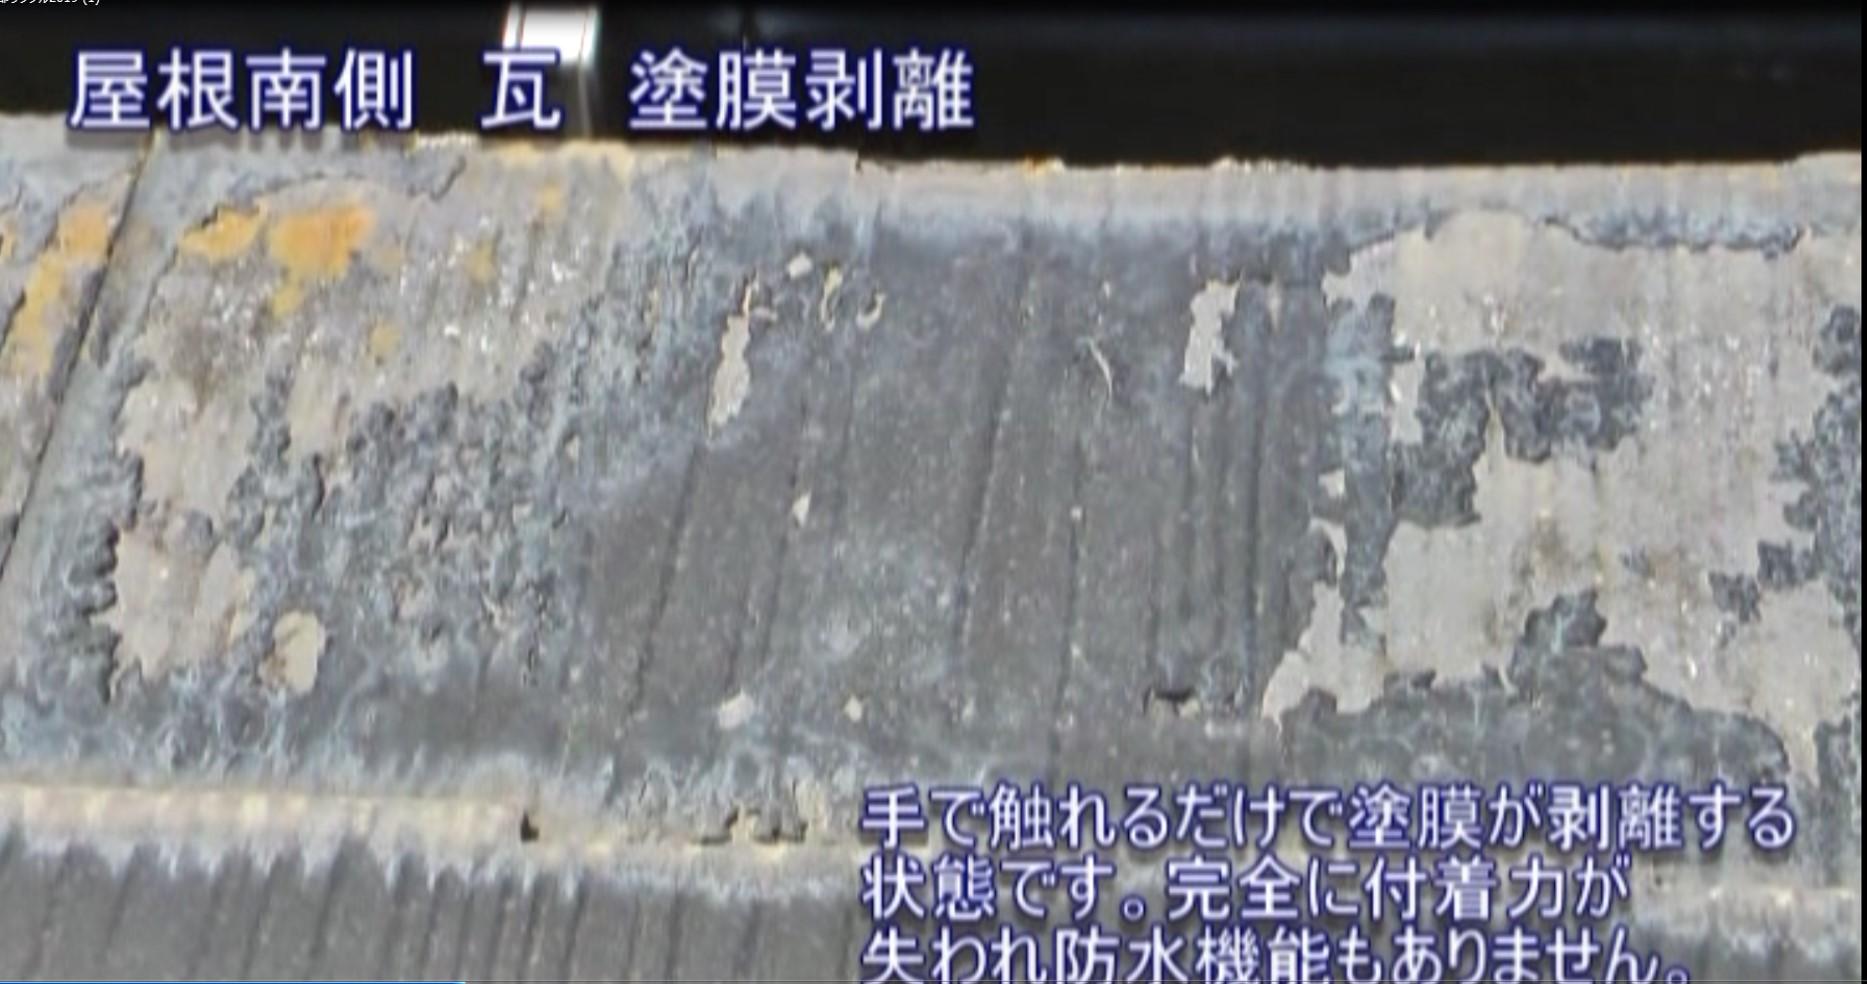 ひび割れ、塗膜剥離など屋根の劣化状況を詳しく説明